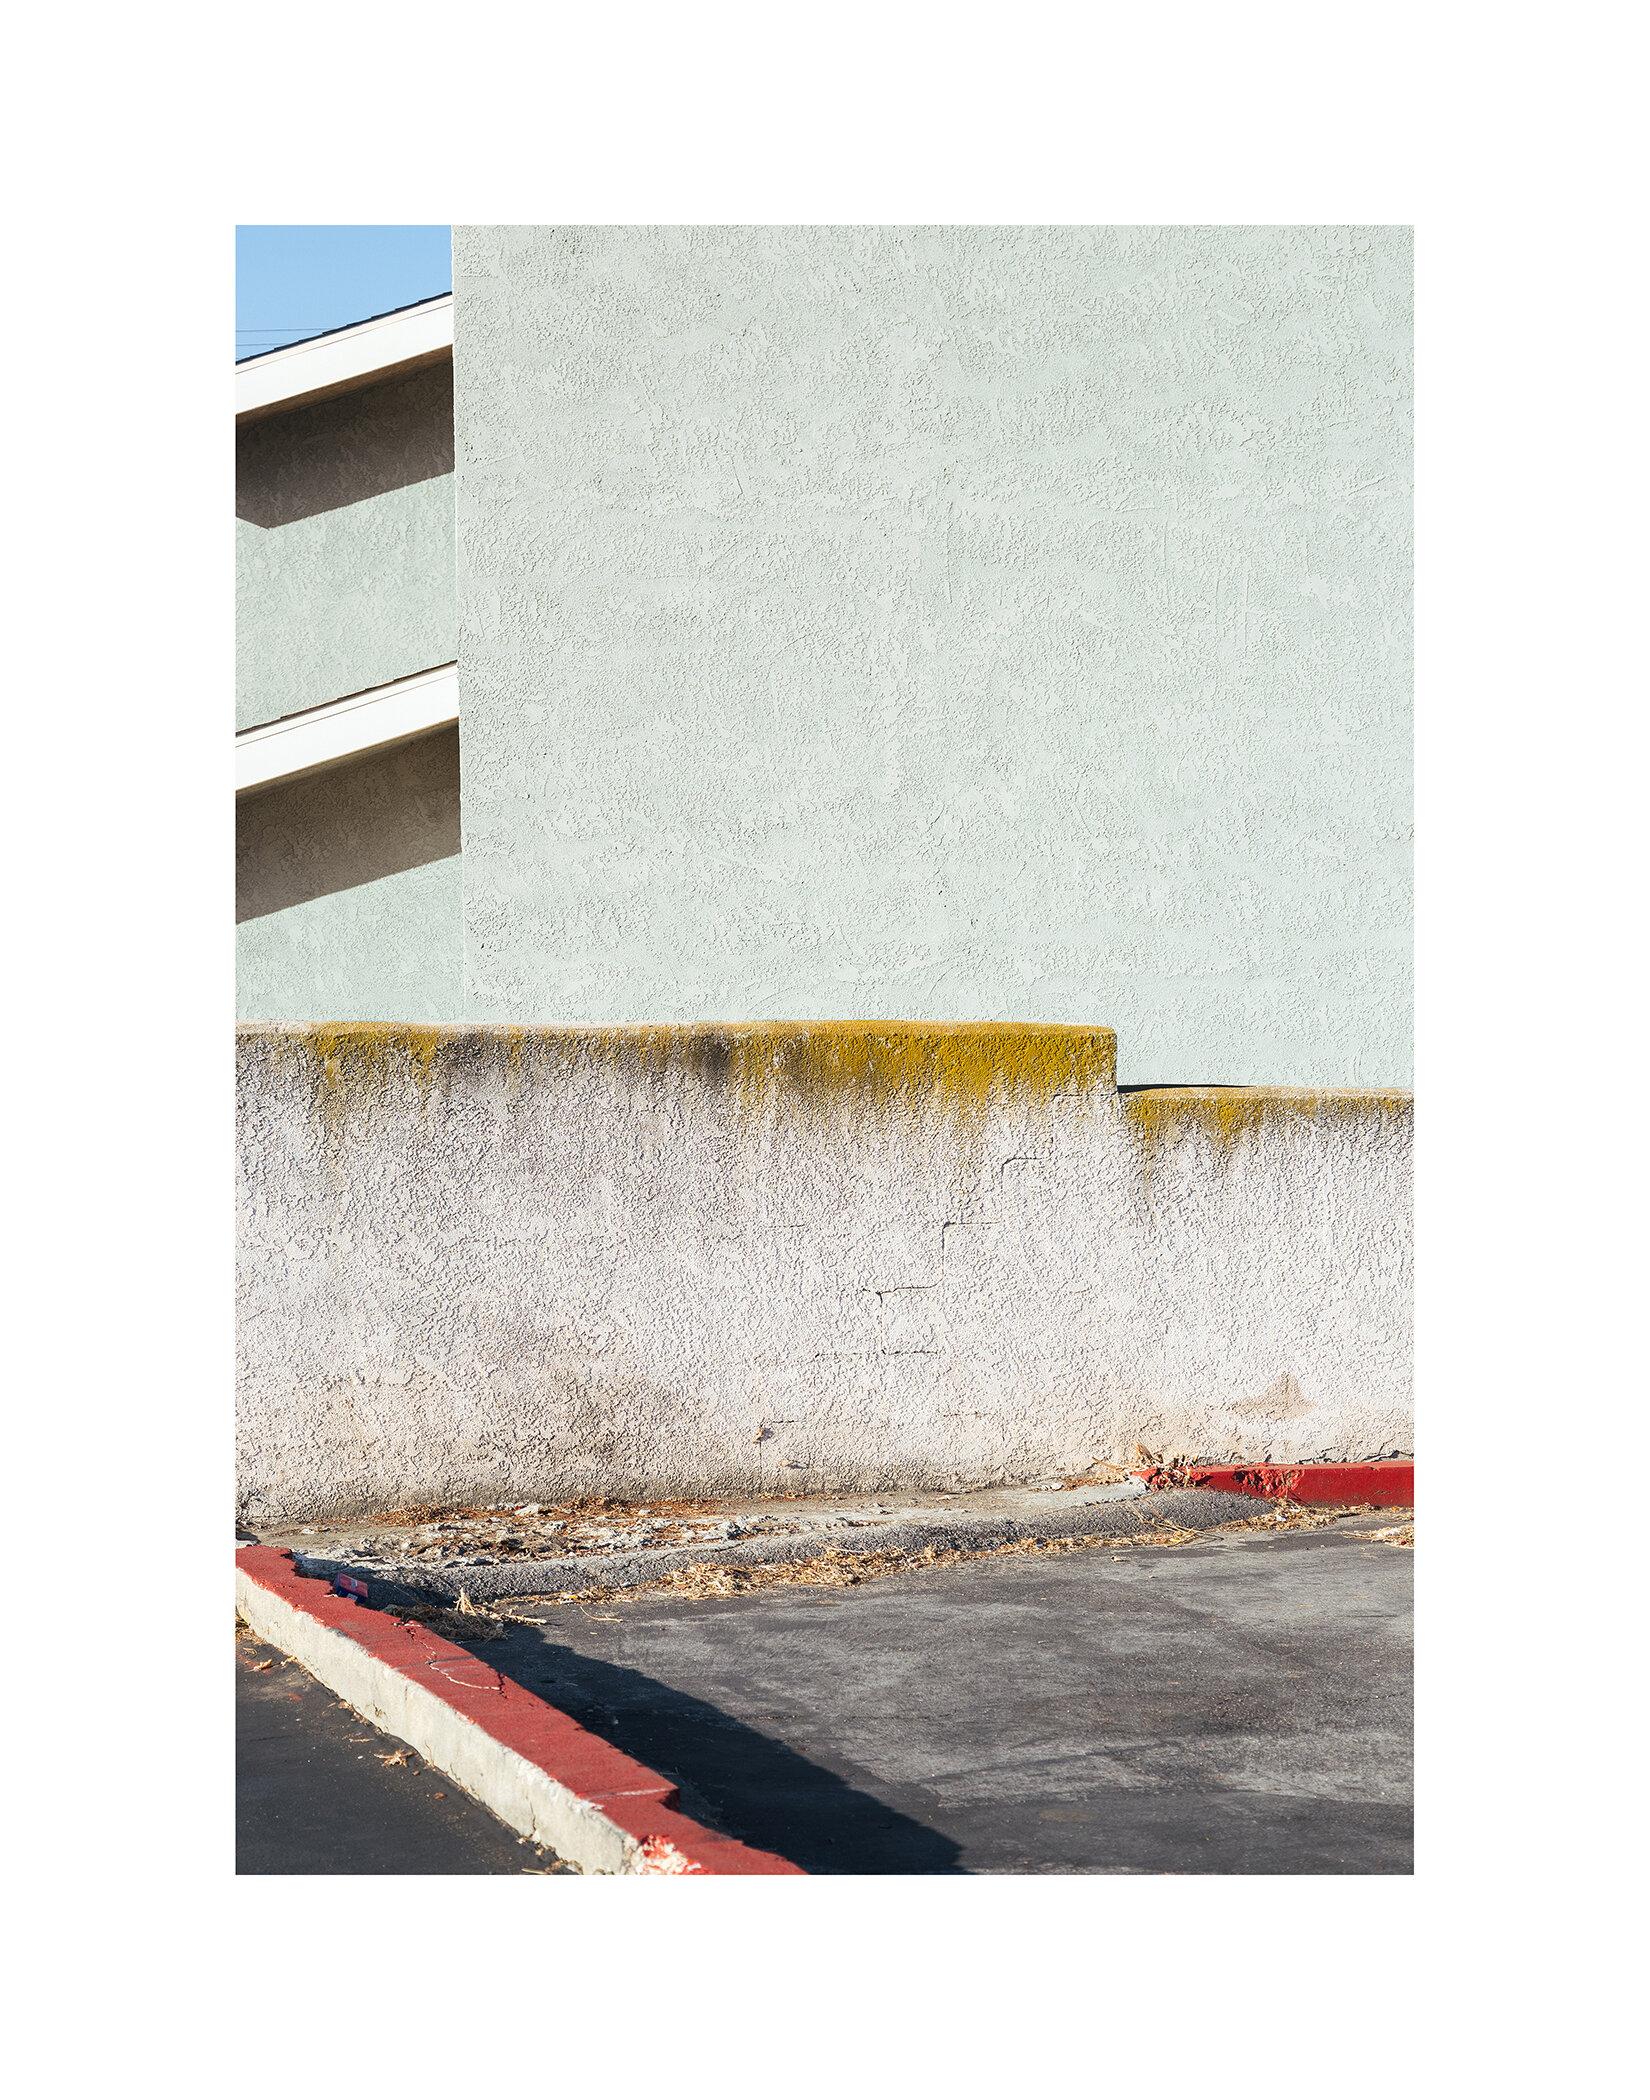 Solo Show, Graphic Hardscapes/Whittier, CA - Rachelle Mendez